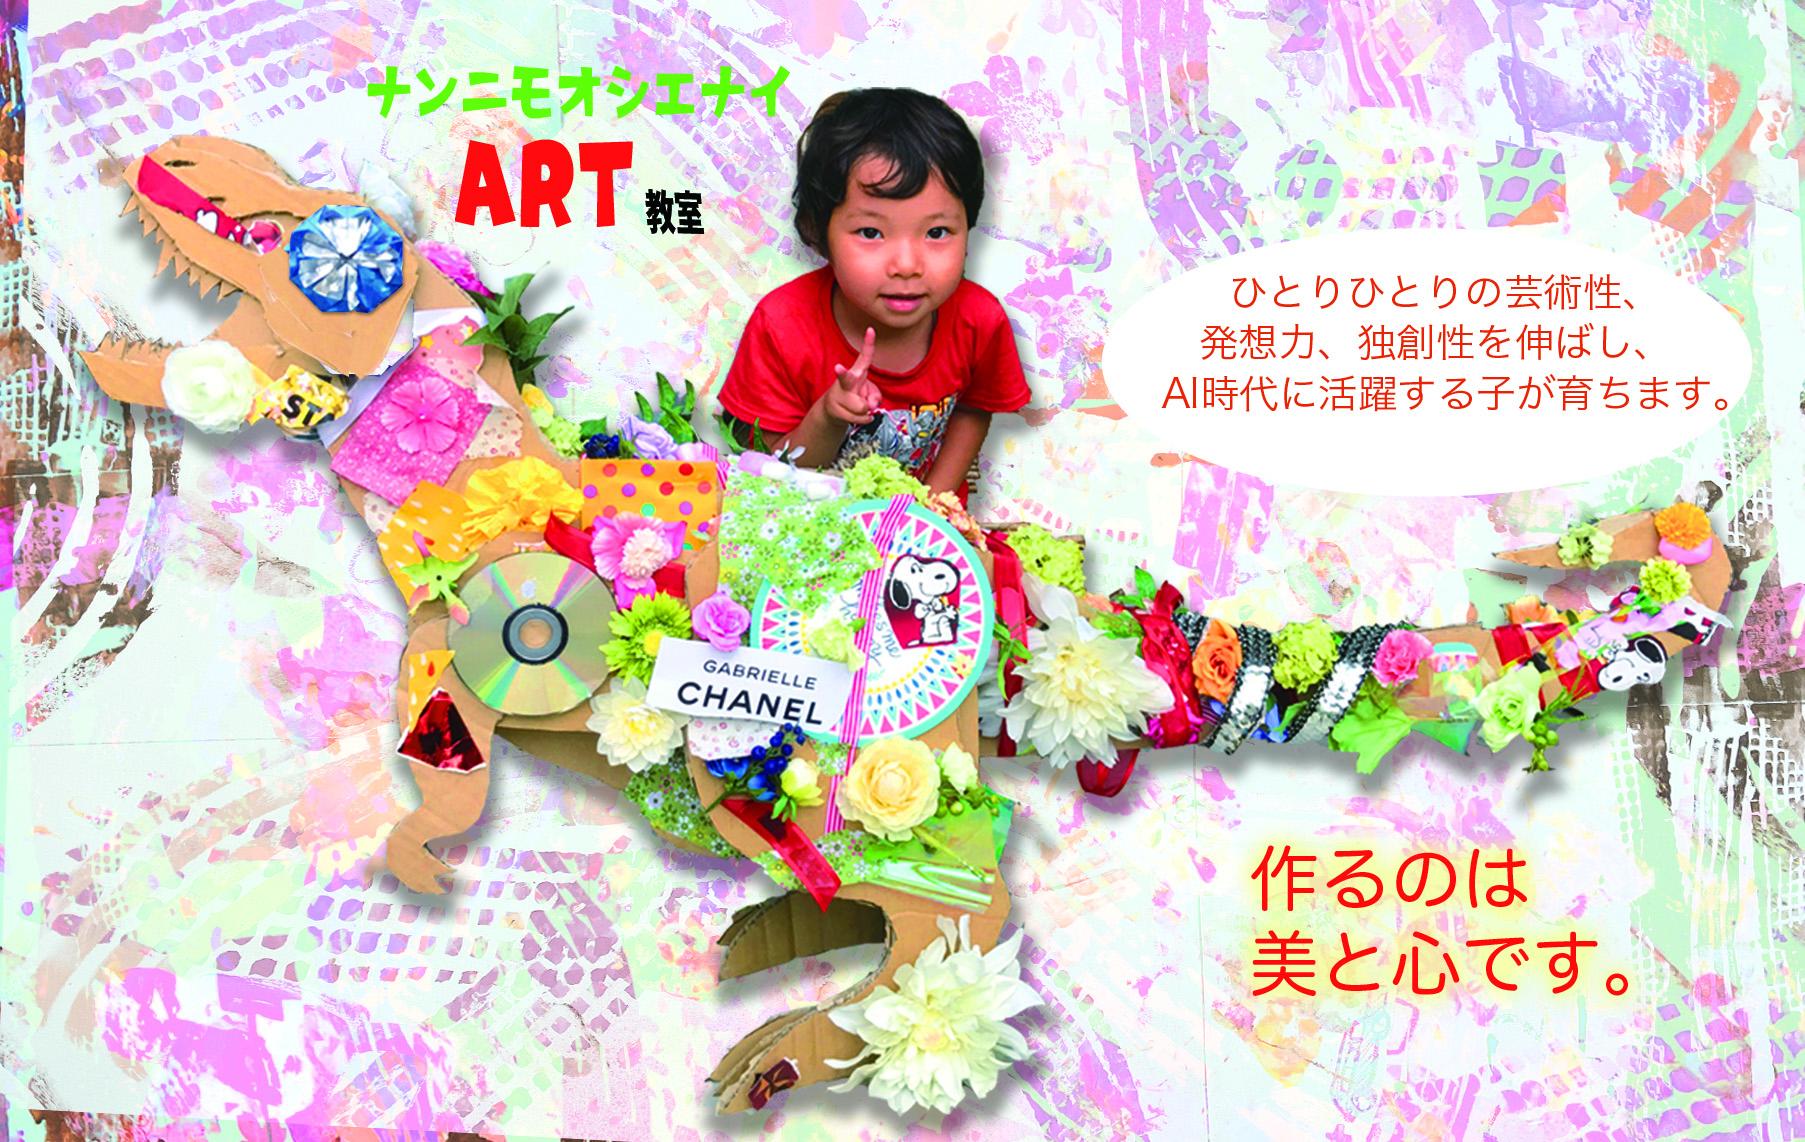 中目黒アート教室アルティキッズ